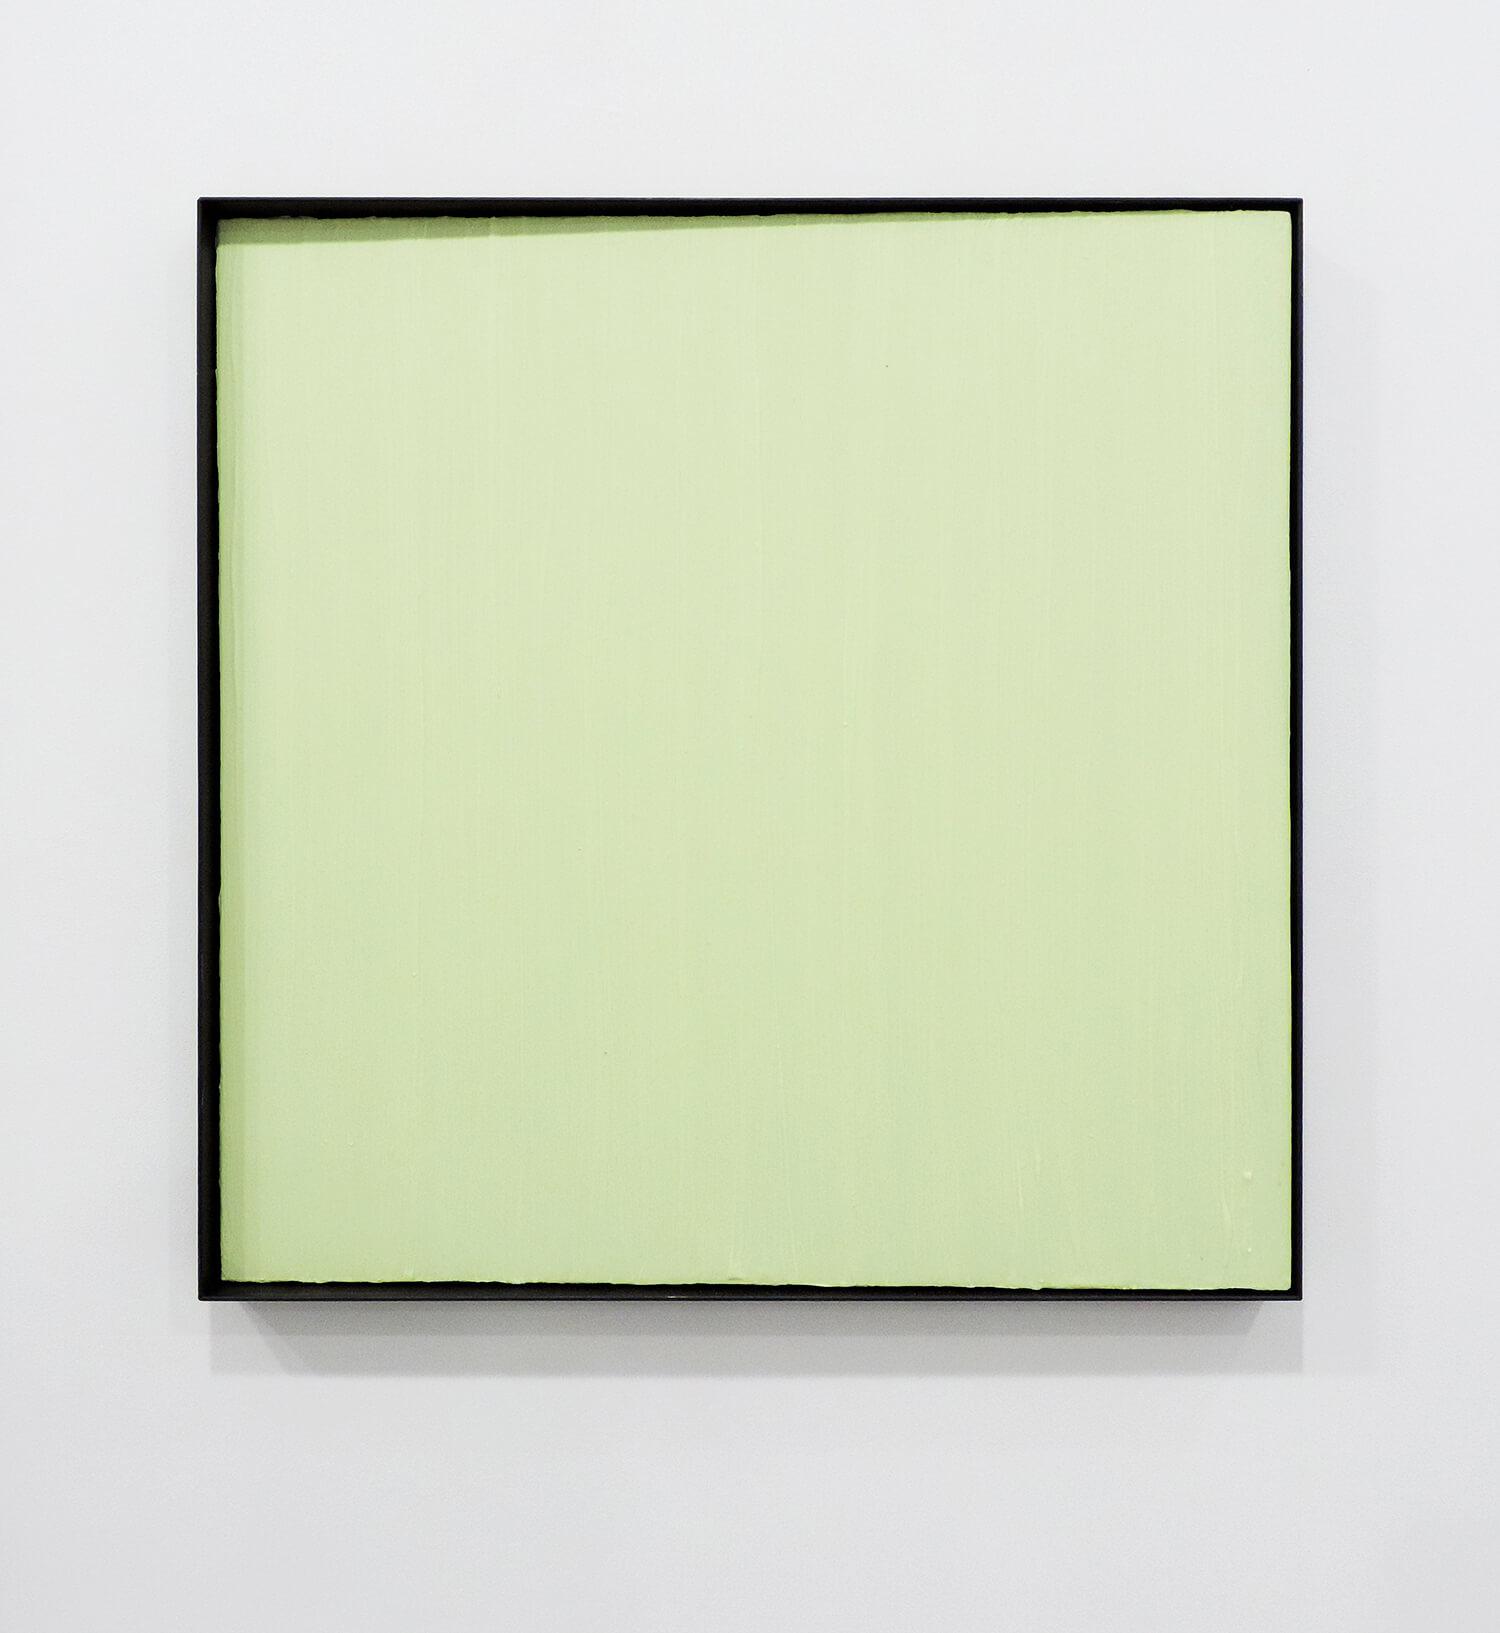 <b>縦方向の線で構成される四角形</b><br>パネルにアクリル絵の具、蓄光粉末、鉄製フレーム<br>600 × 600 × 40 mm<br>2014